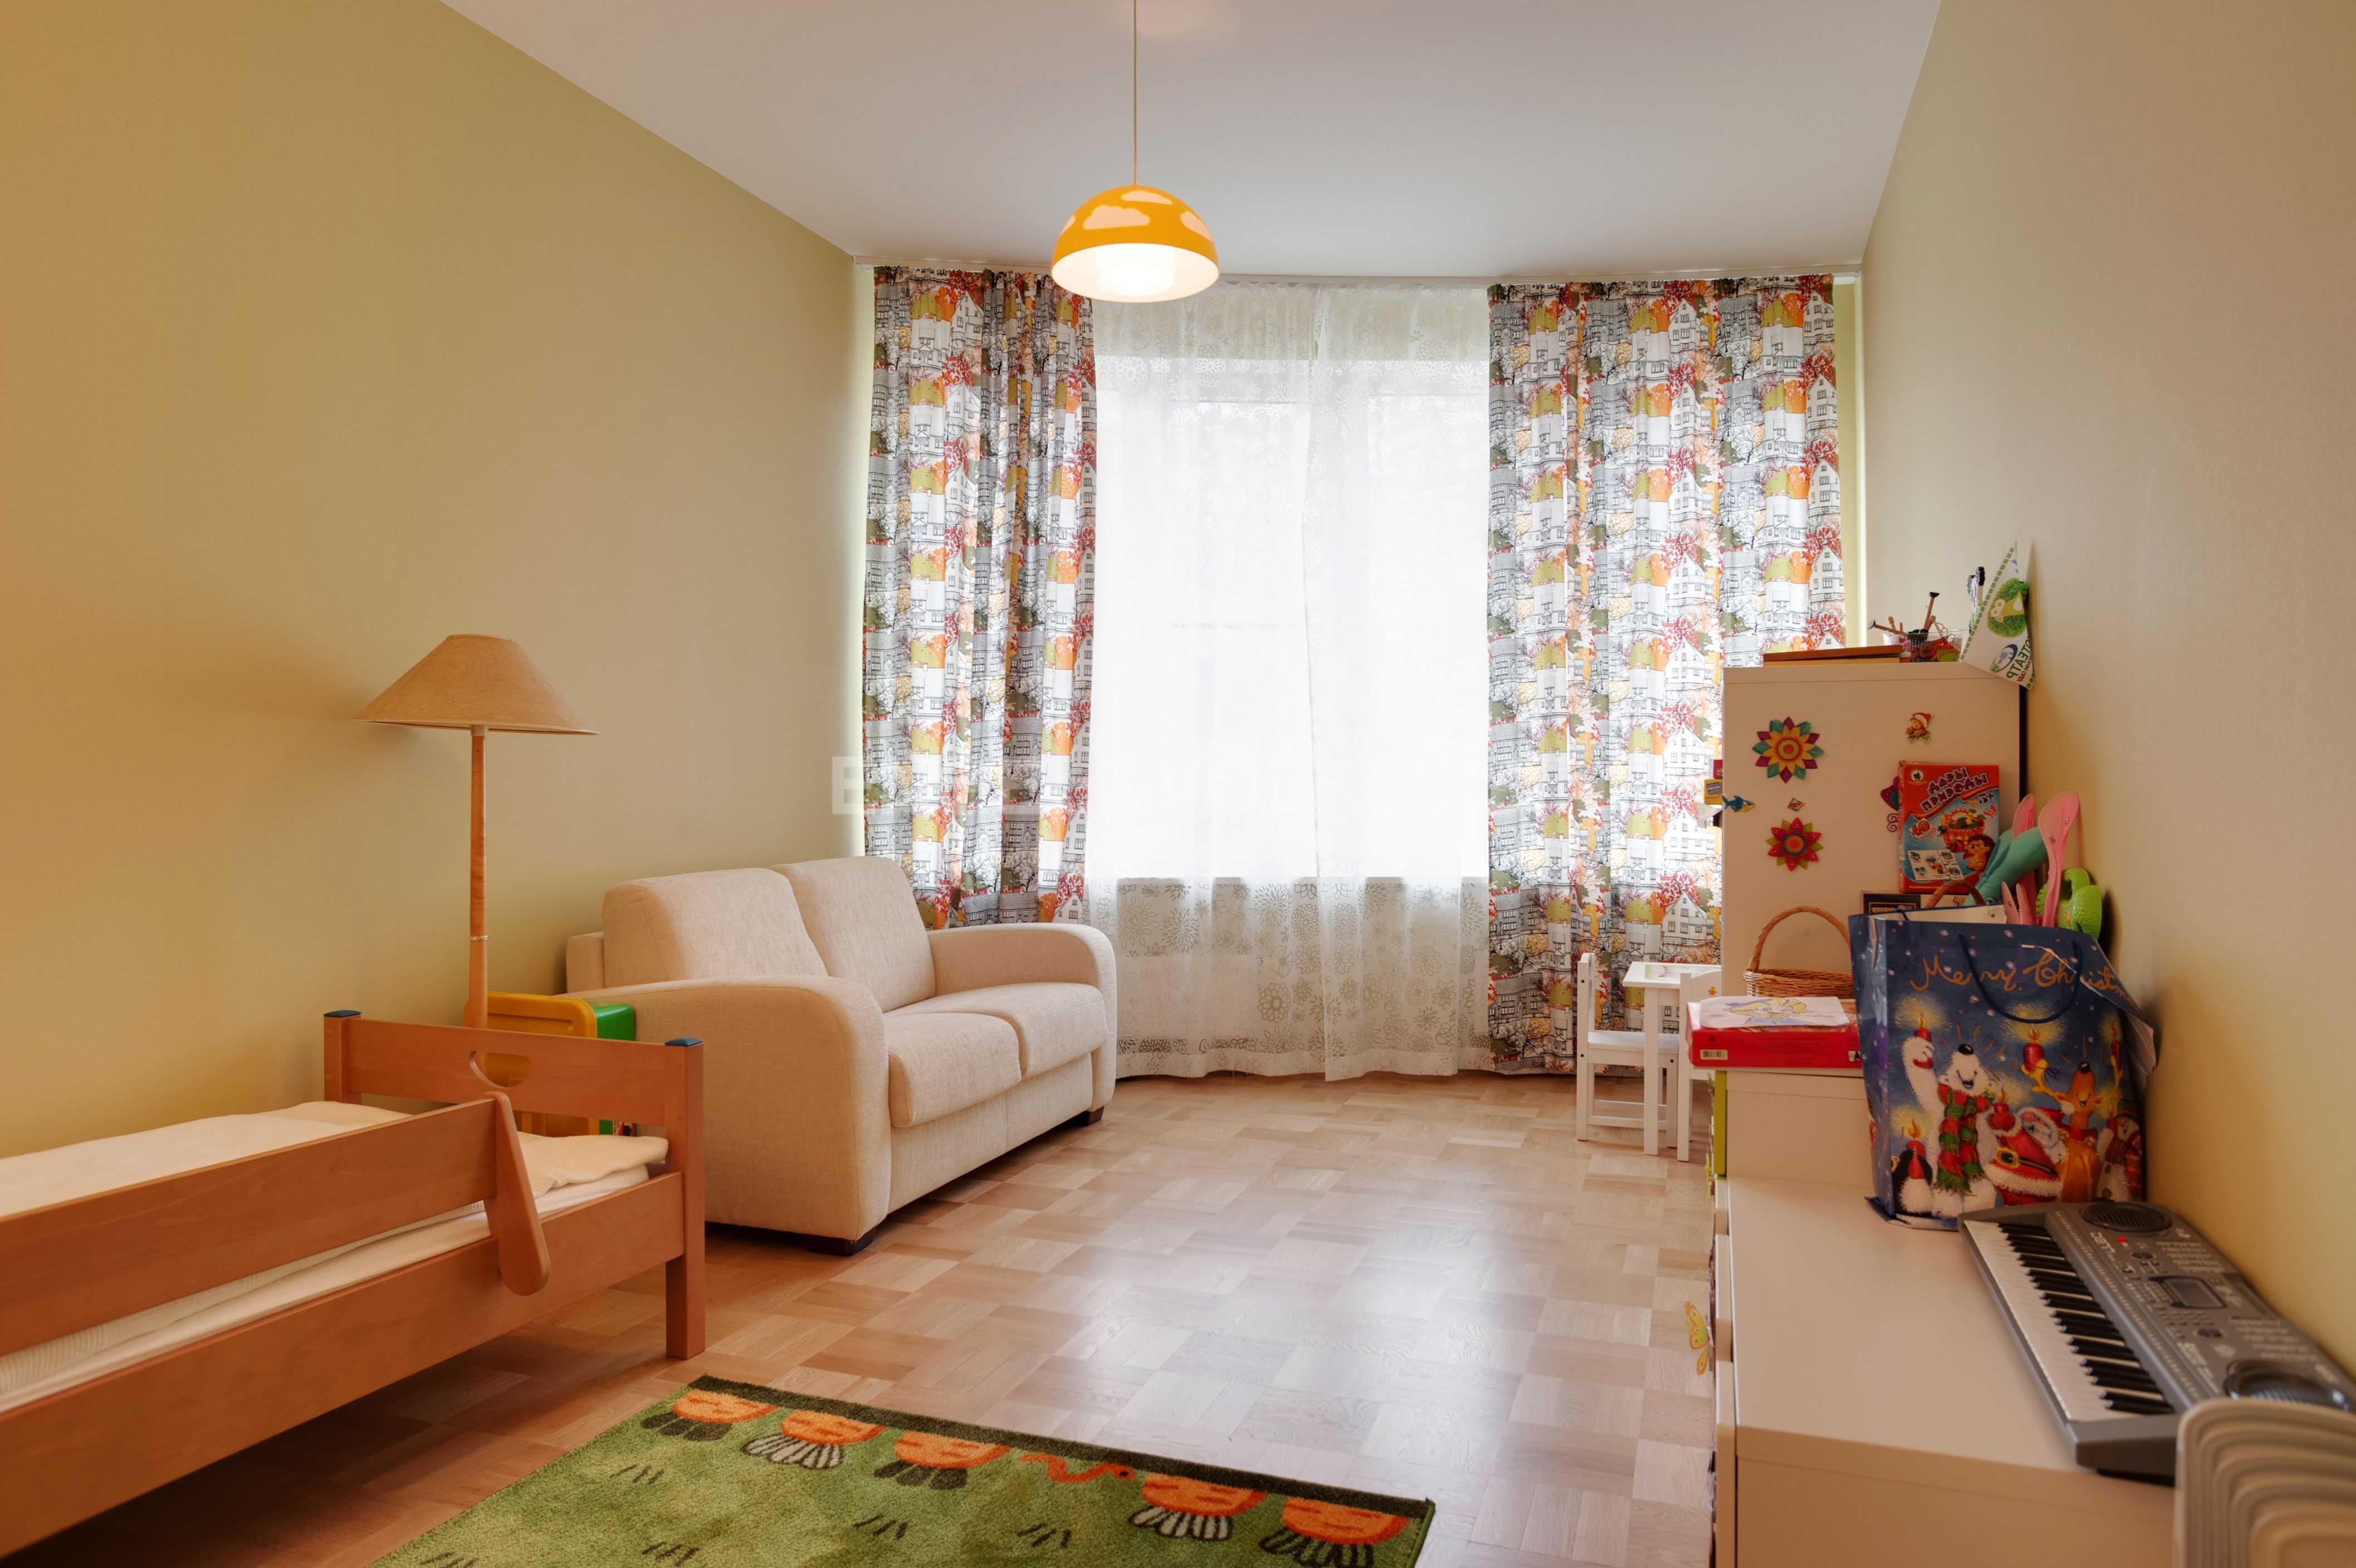 Элитные квартиры в Центральный р-н. Санкт-Петербург, Тверская ул., 1A . Детская комната